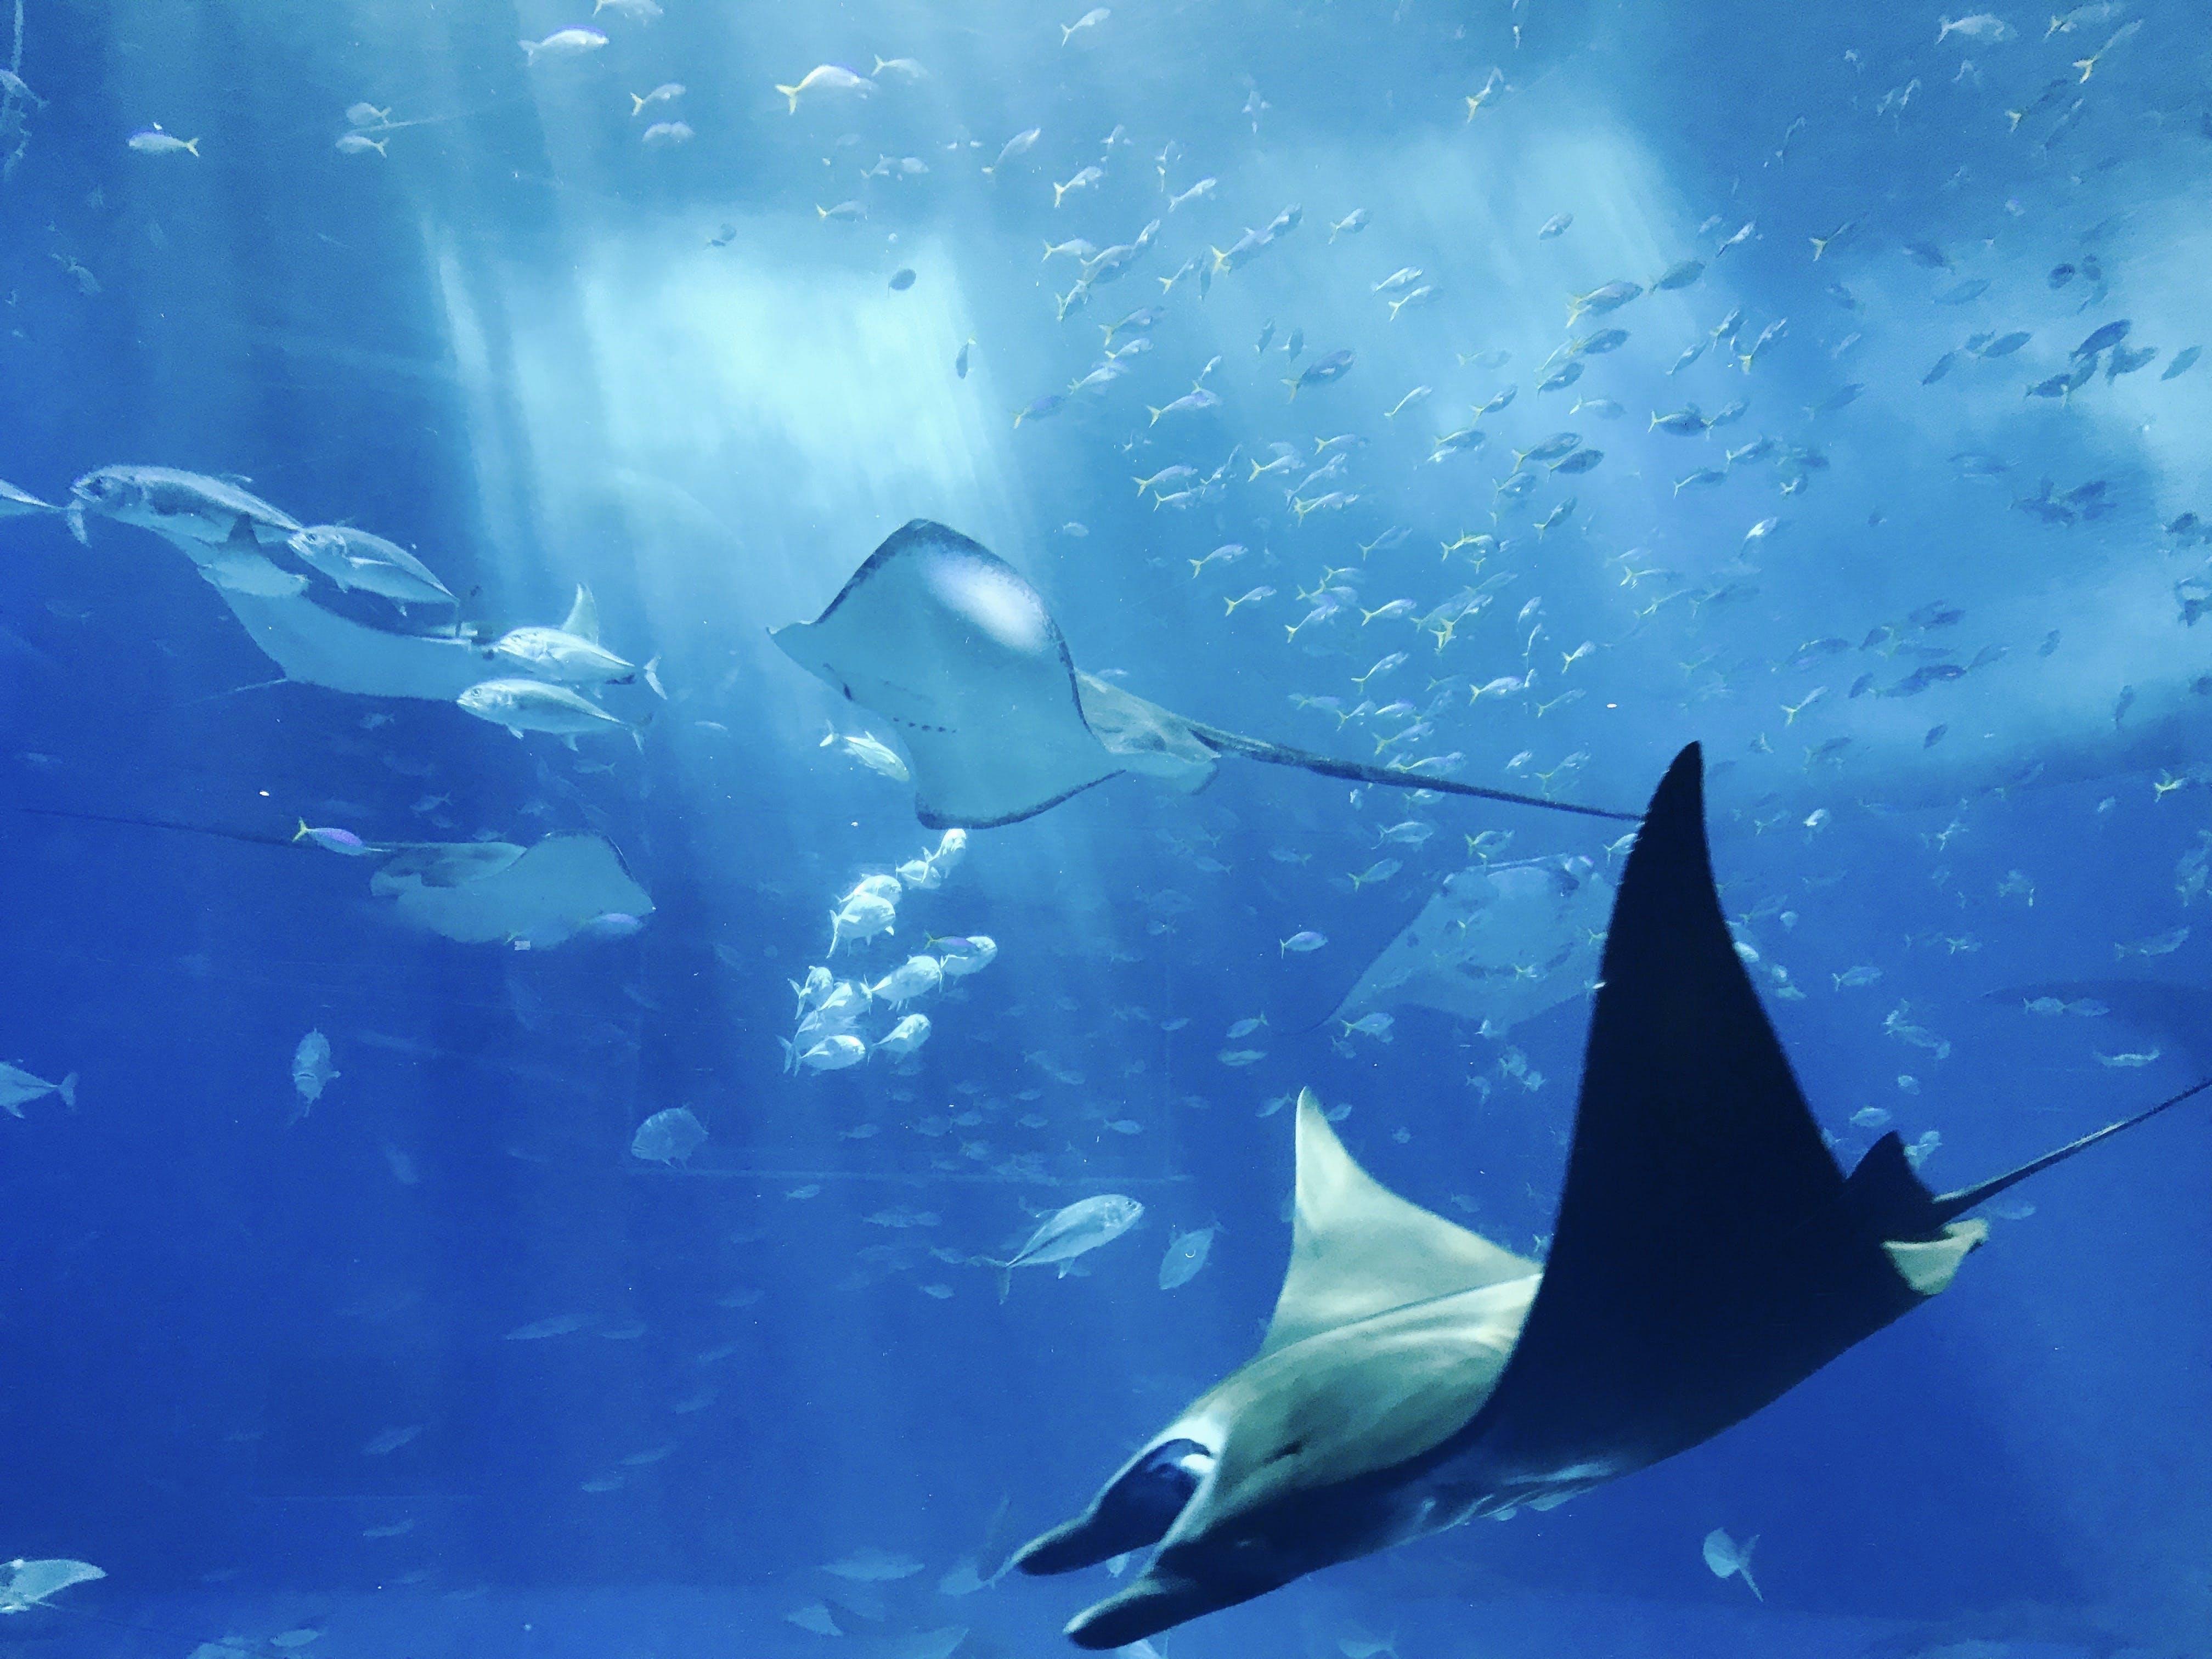 Základová fotografie zdarma na téma akvárium, divočina, hluboký, mobilní výzva